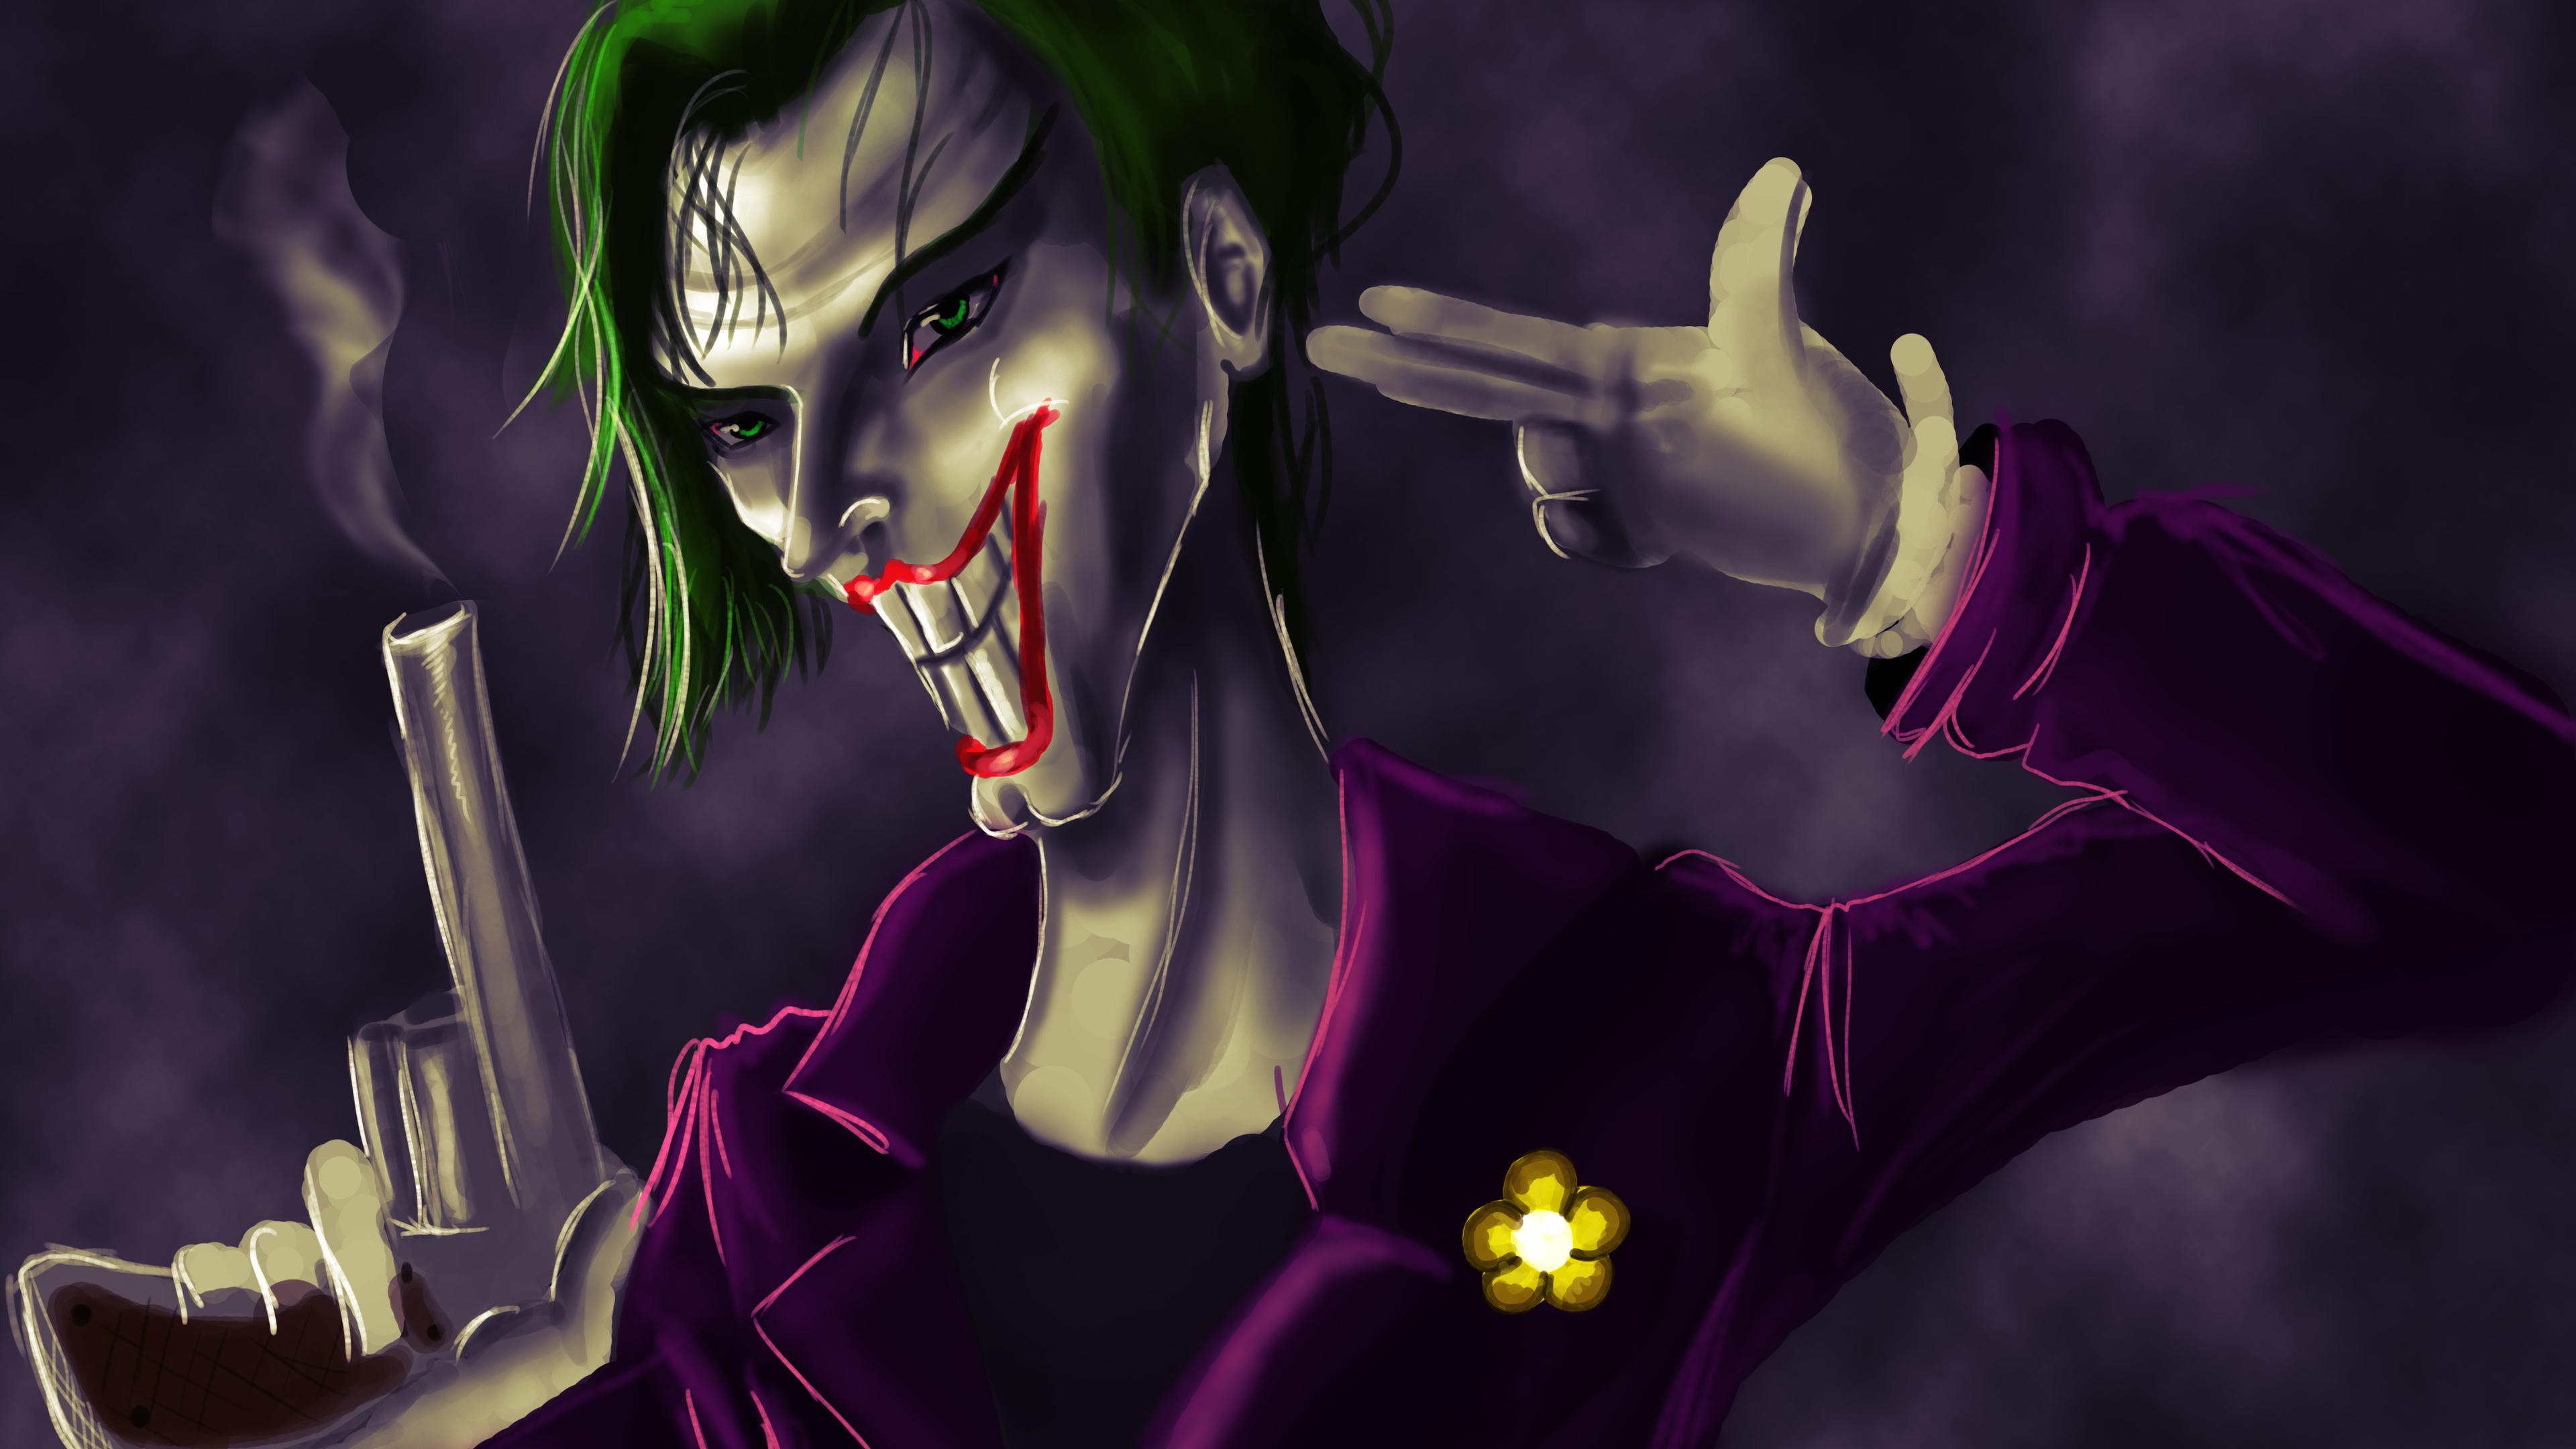 joker 5k artwork 1540746393 - Joker 5k Artwork - supervillain wallpapers, superheroes wallpapers, joker wallpapers, hd-wallpapers, digital art wallpapers, deviantart wallpapers, artwork wallpapers, 5k wallpapers, 4k-wallpapers